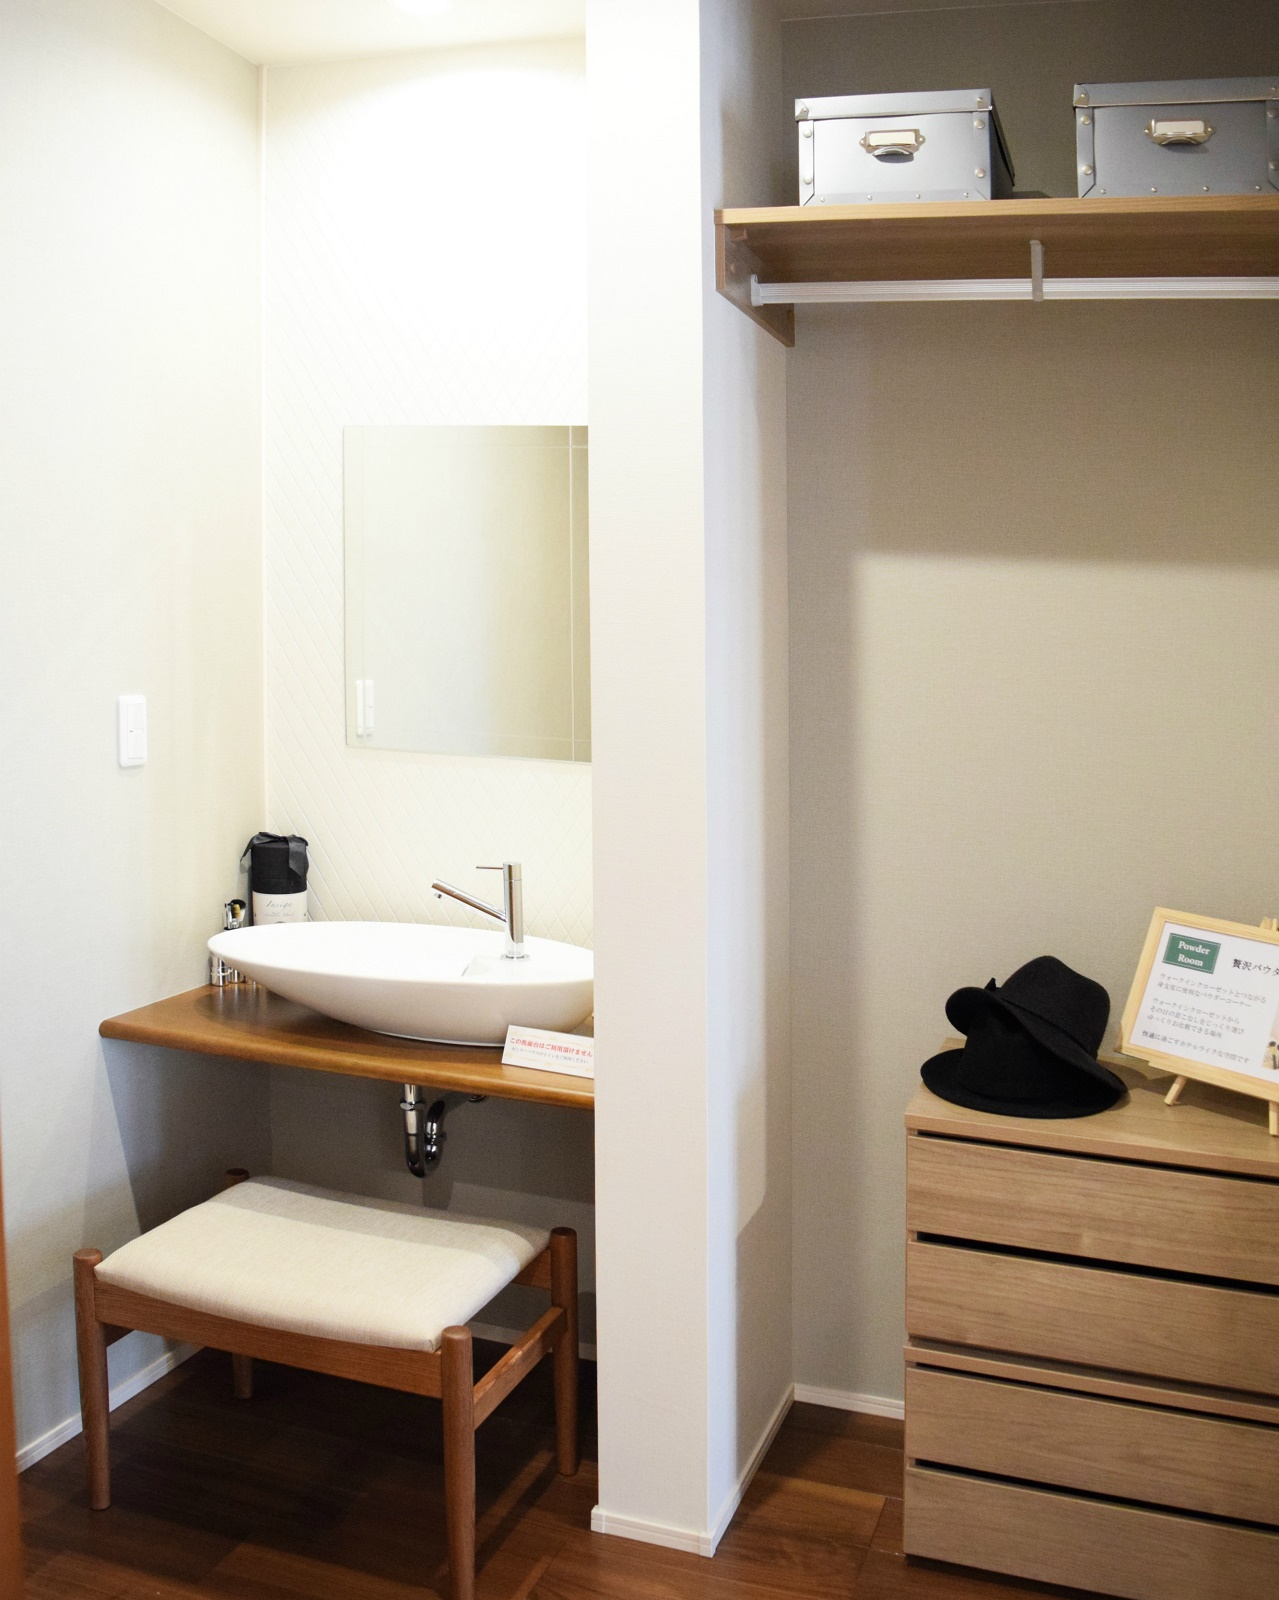 主寝室・ウィークインクローゼットから続く、身支度に便利なパウダーコーナー。快適に暮らせる間取りの一例です。